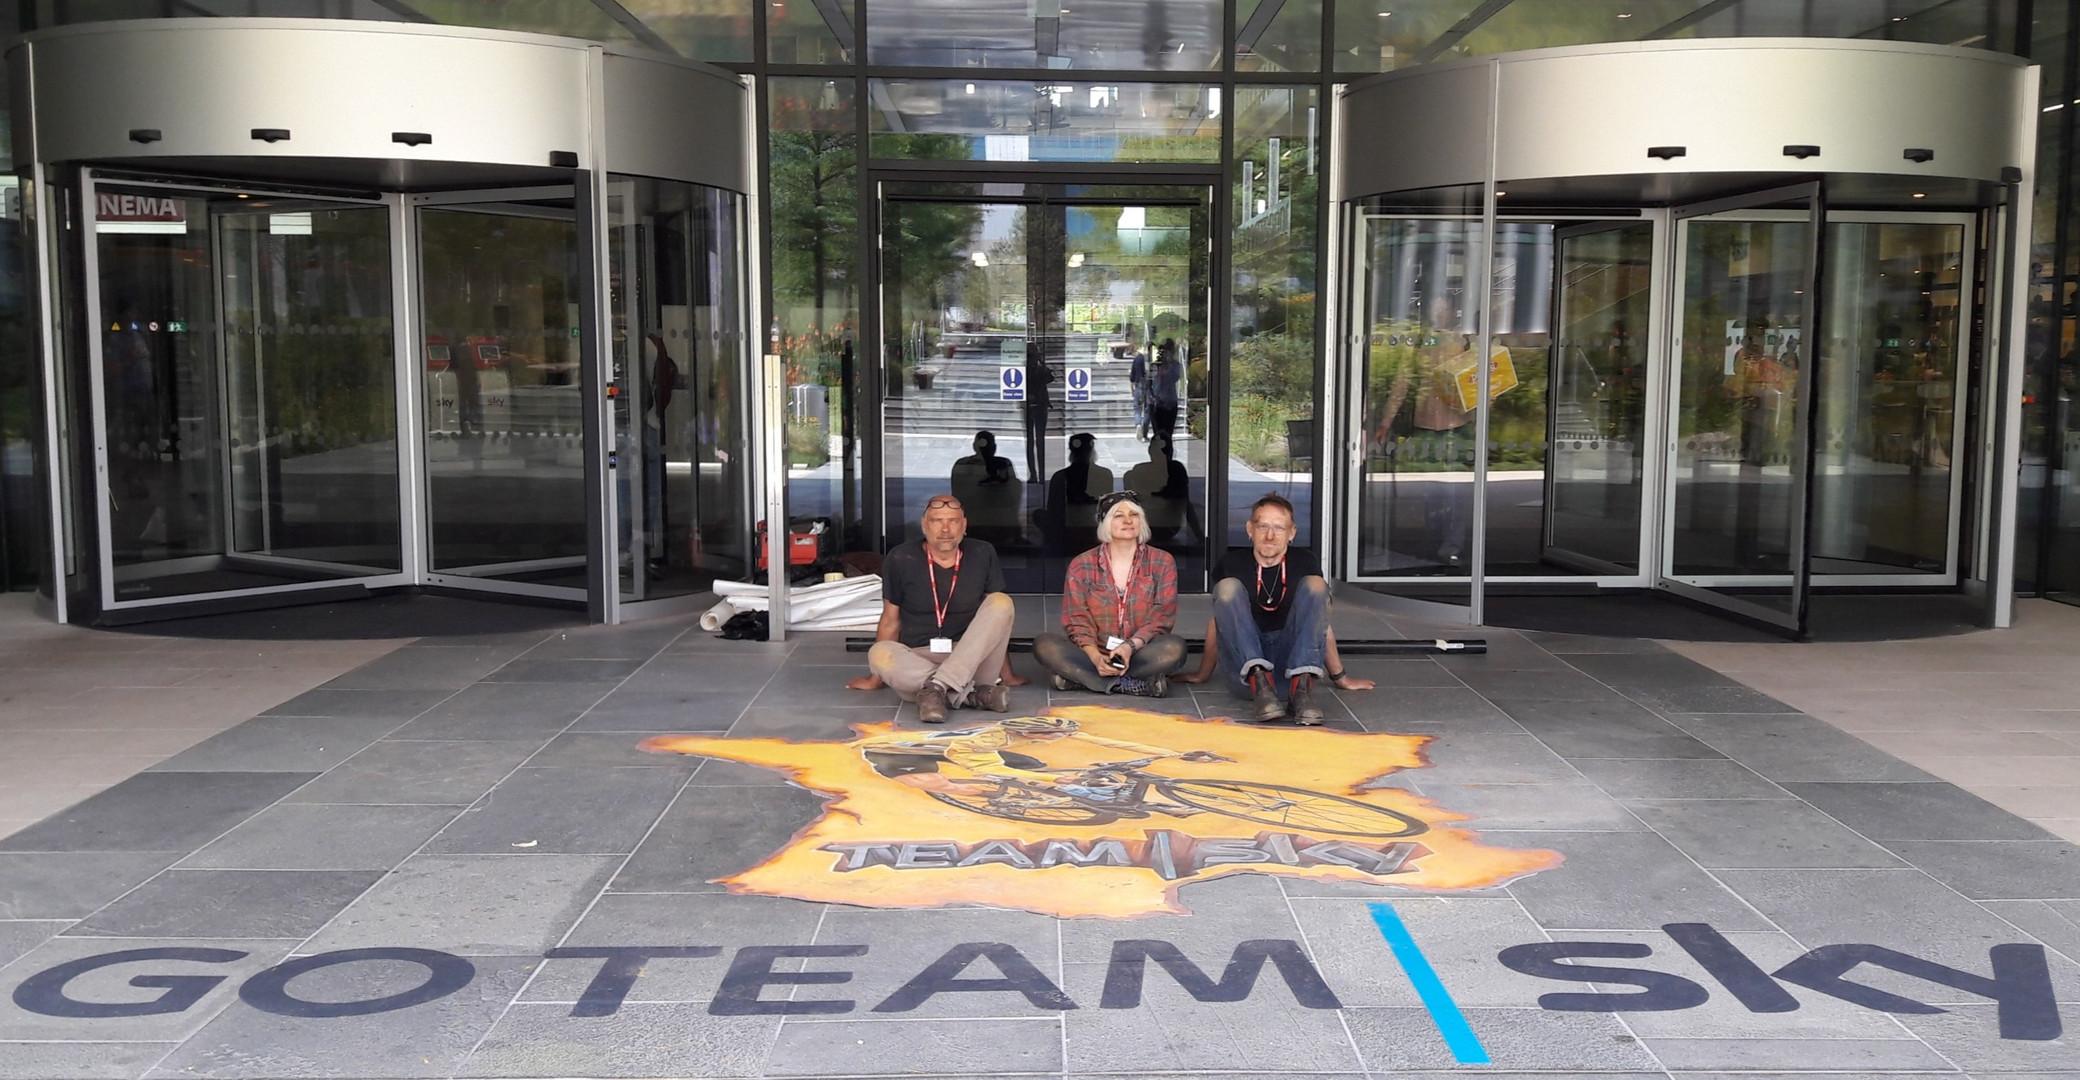 Team Sky (Tour de France 2018) : Sky Head Offices